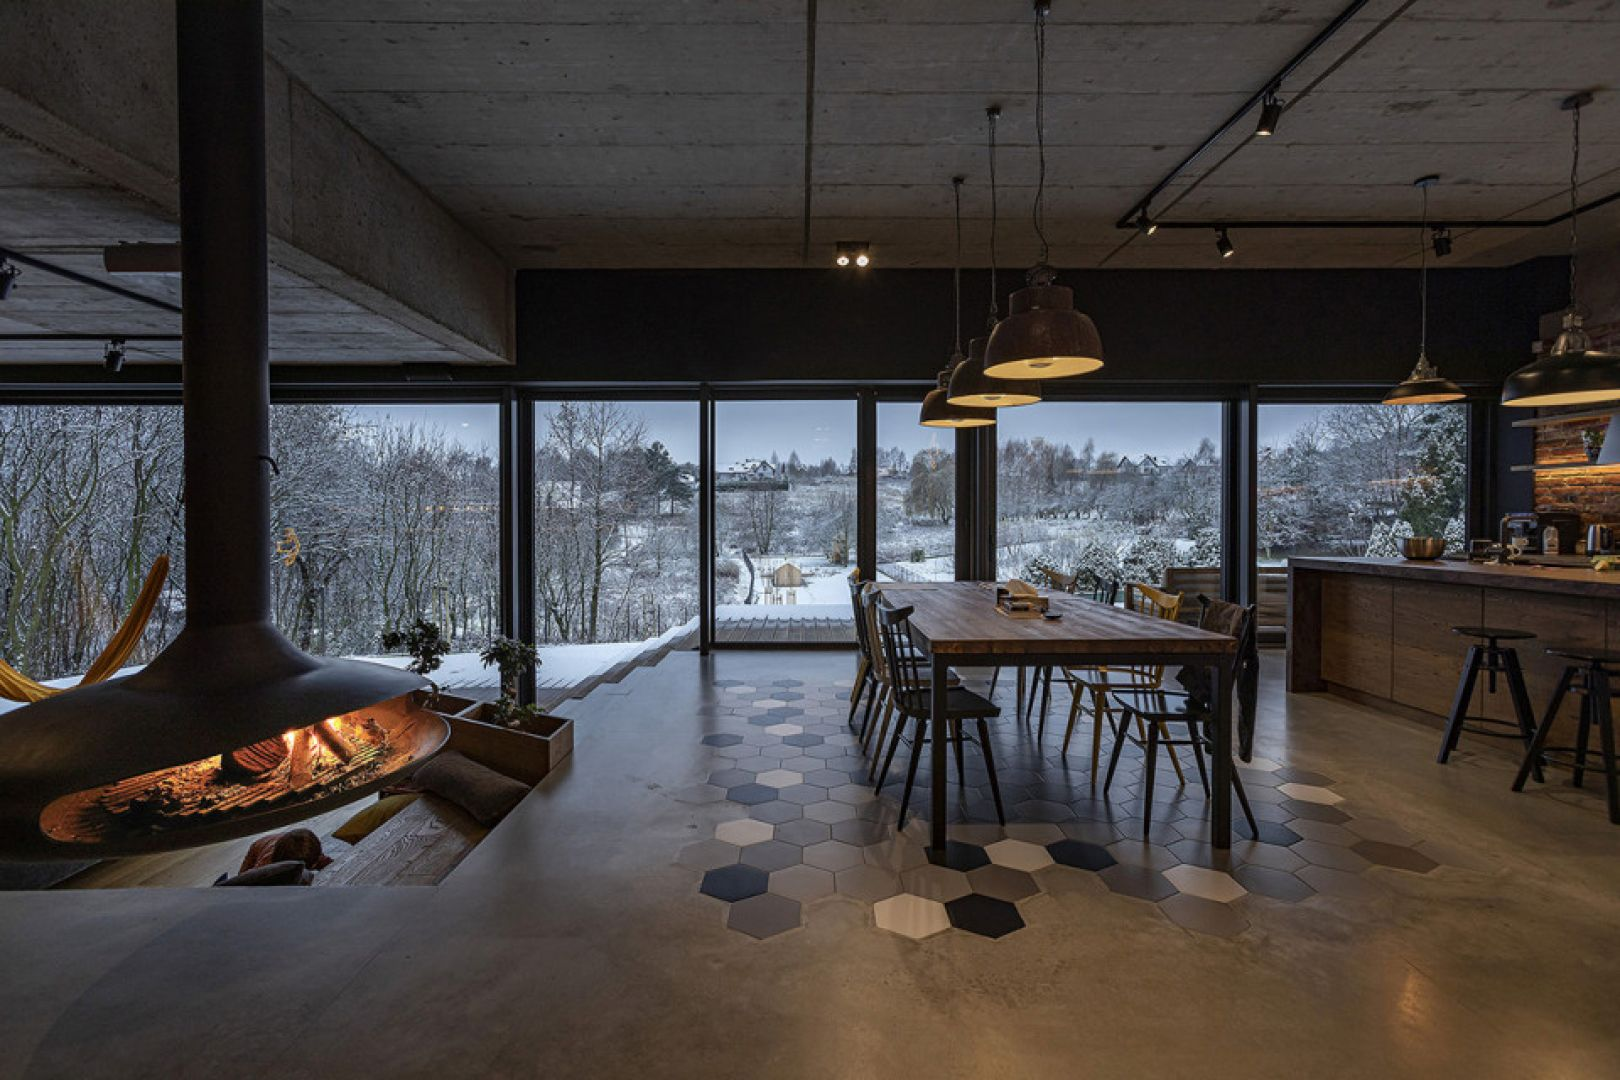 Parter od strony wejścia i wjazdu do garażu powiązany jest z istniejącym poziomem terenu. Fot. Sławomir Ślusarczyk, BXB studio, Luke Skyvideo